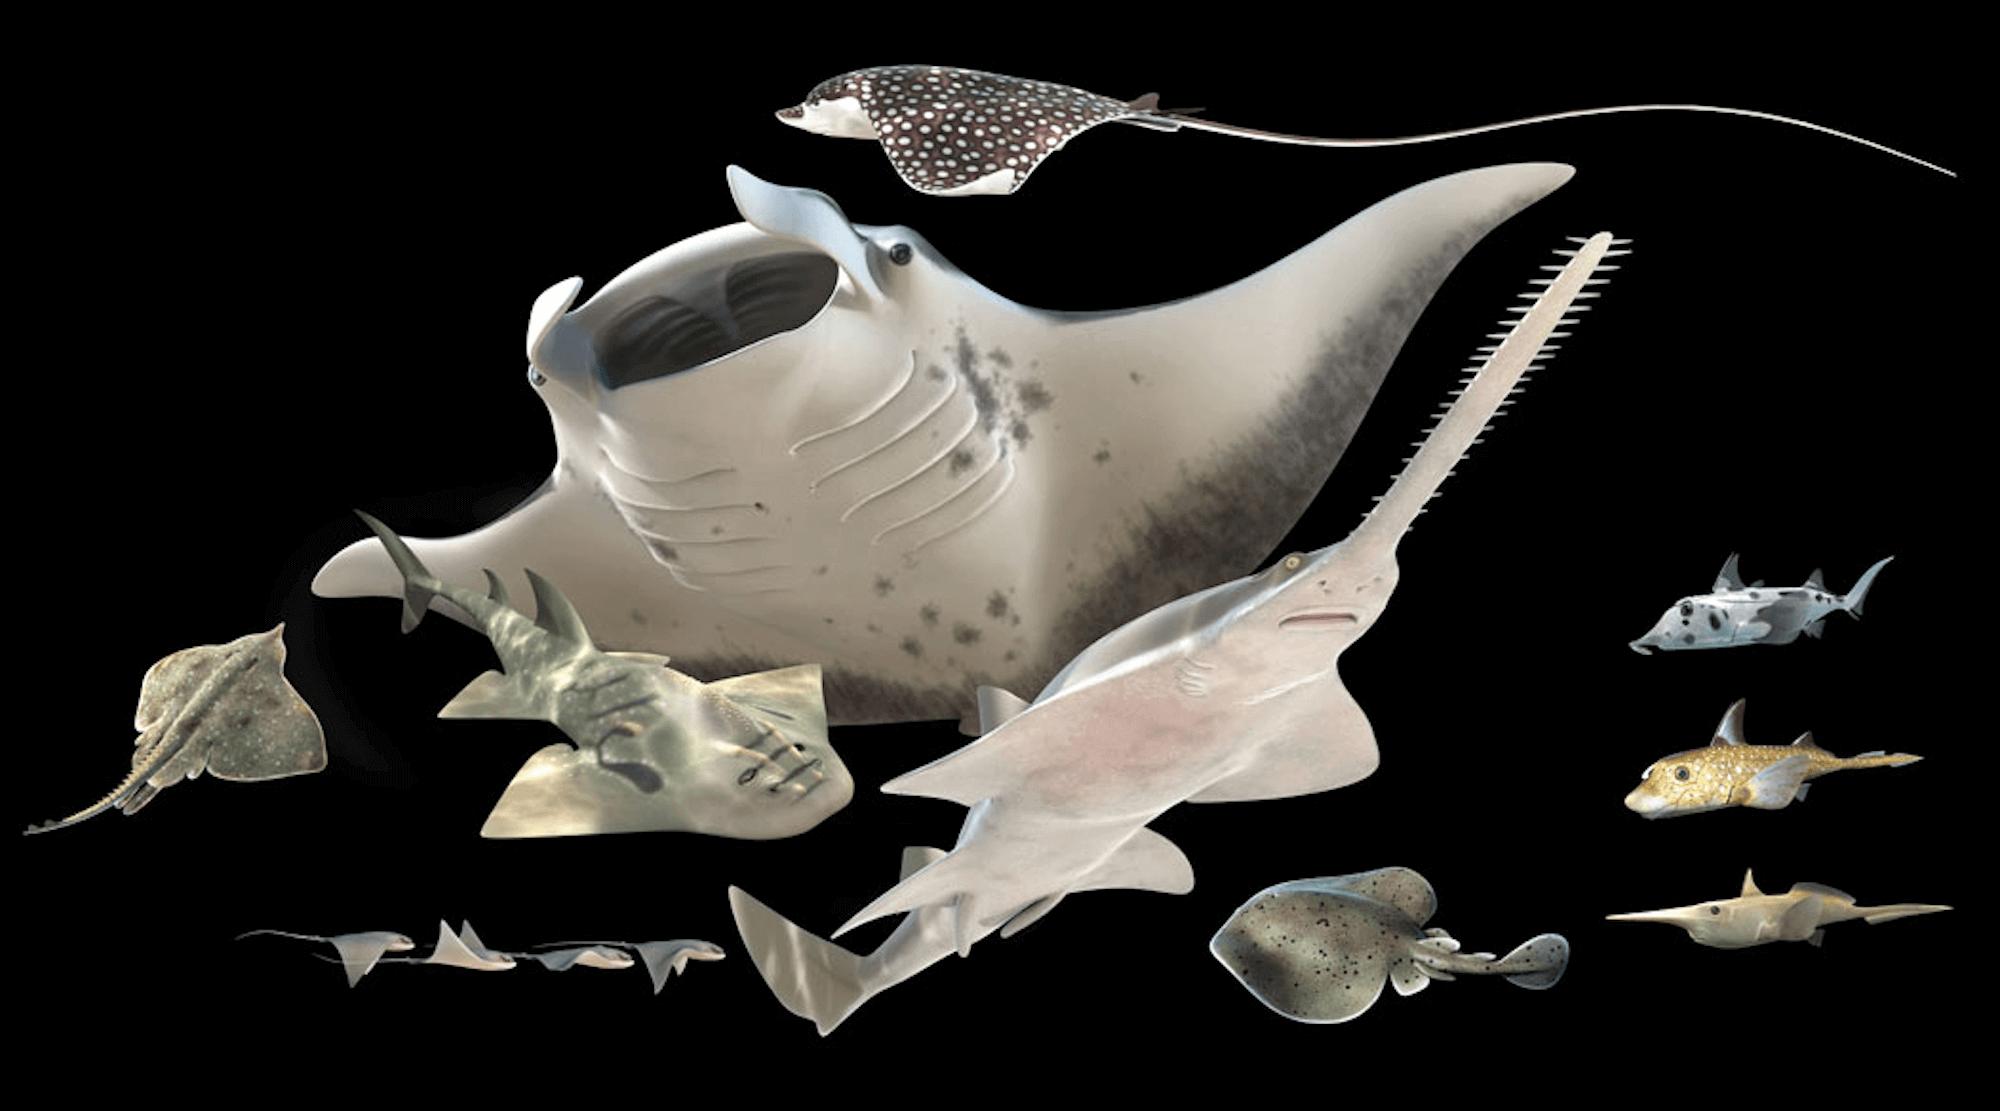 Flat Shark by Barry Croucher